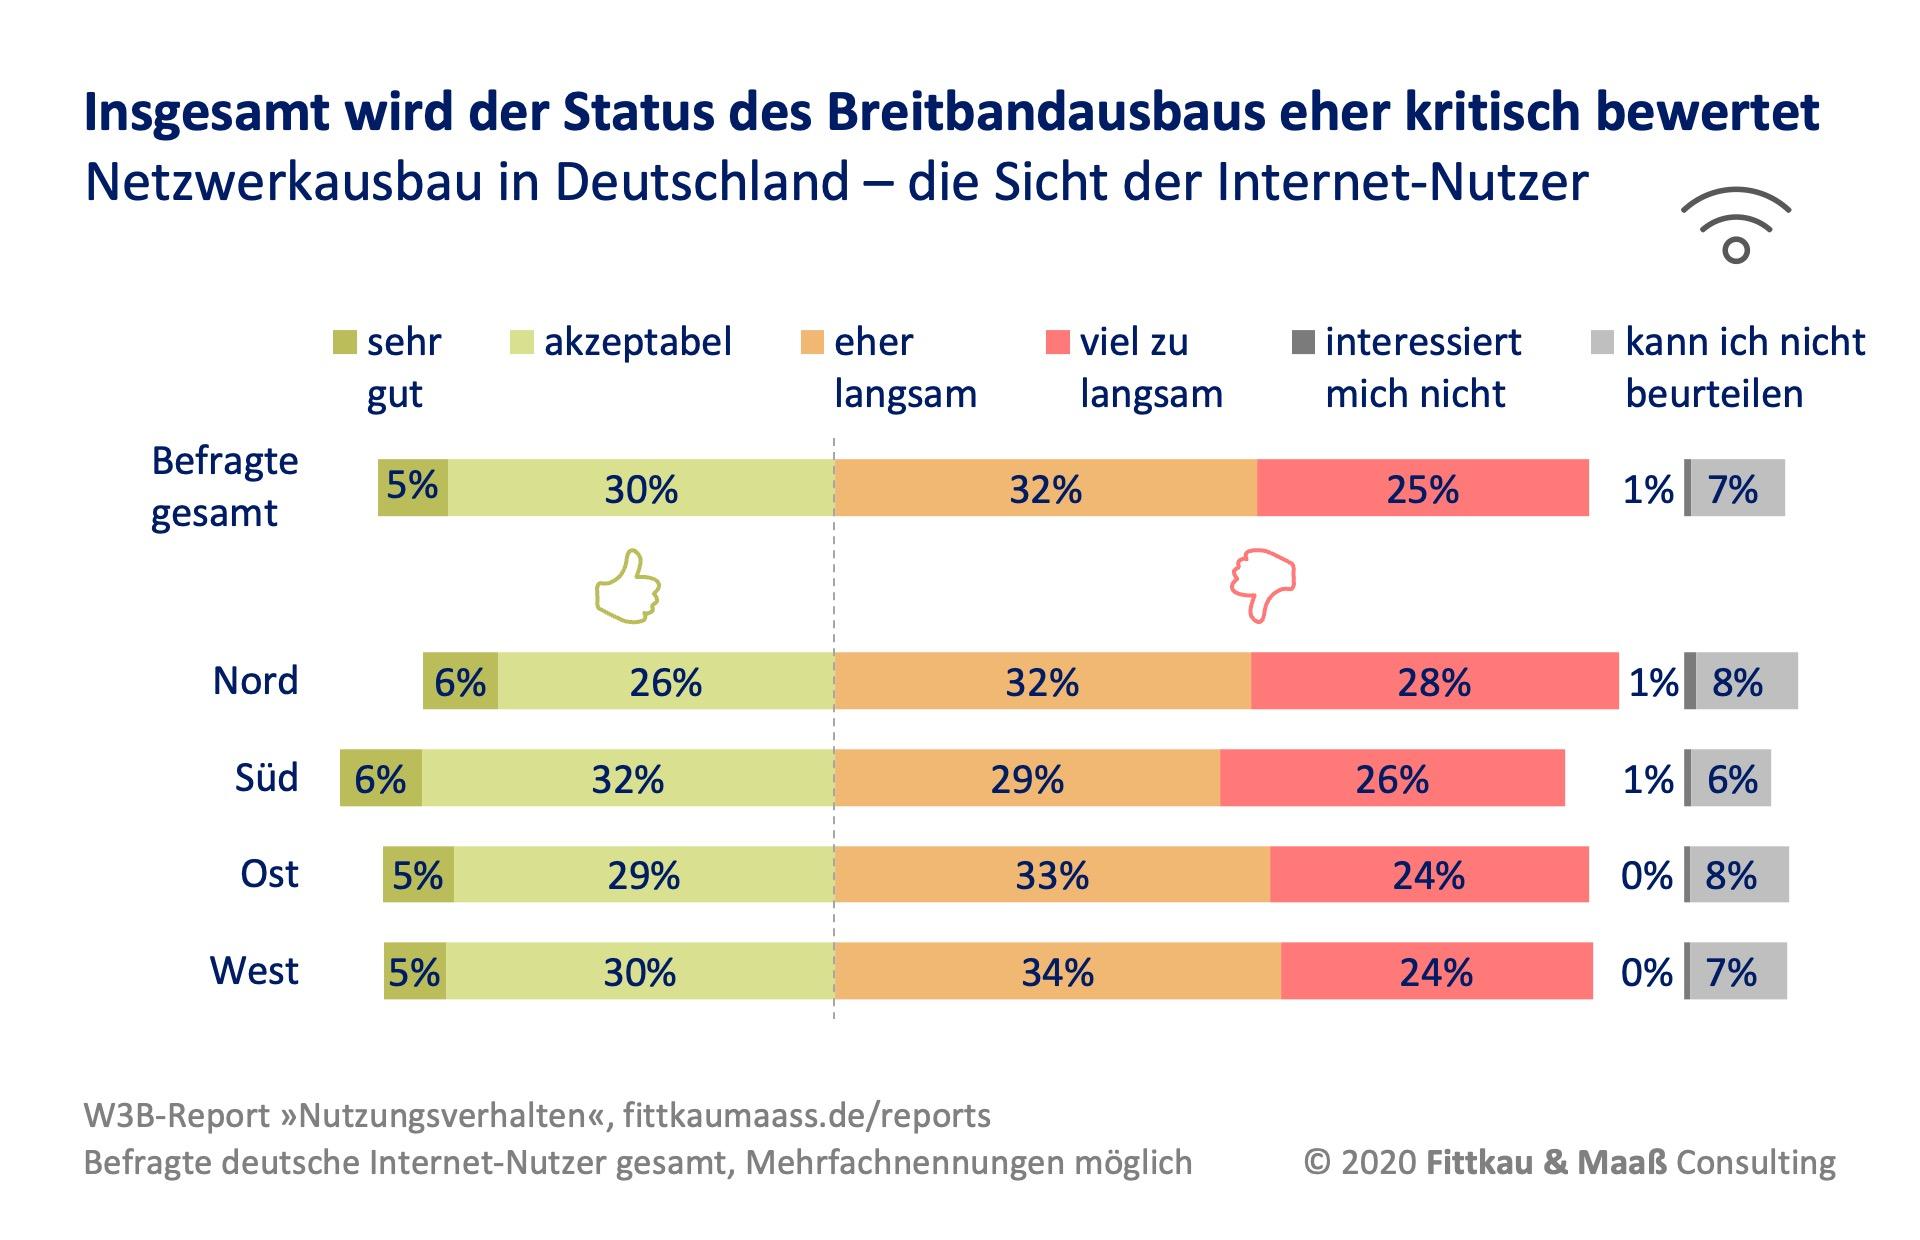 Breitbandausbau in Deutschland aus Sicht der Internet-Nutzer